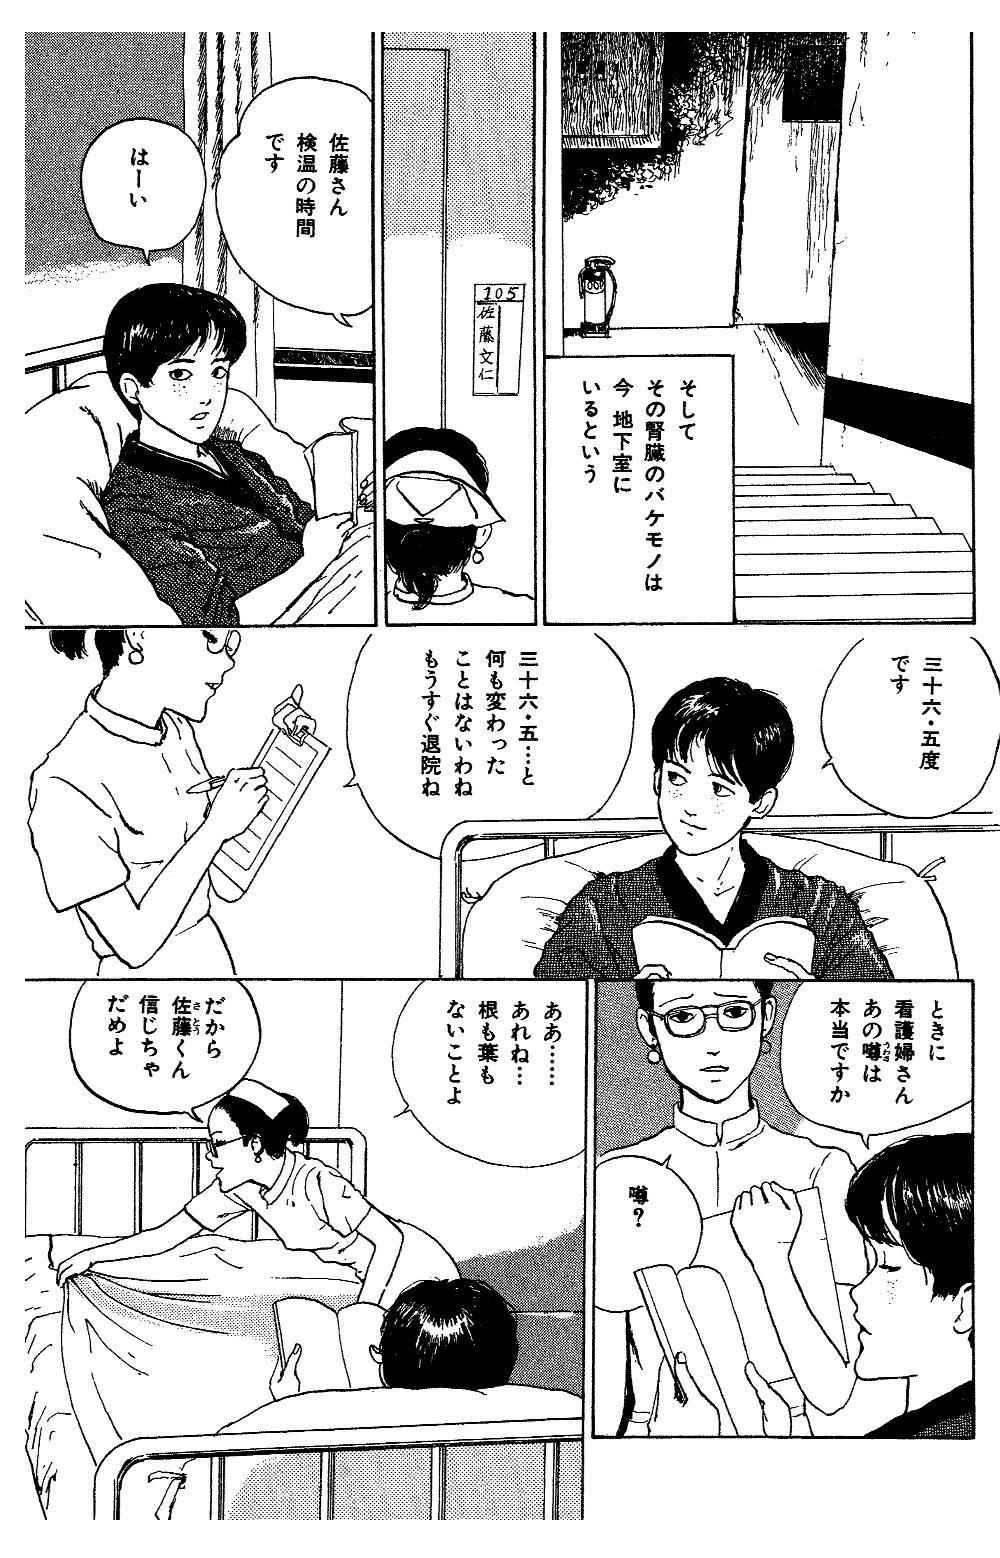 伊藤潤二傑作集 第3話「富江 地下室」①junji06-03.jpg